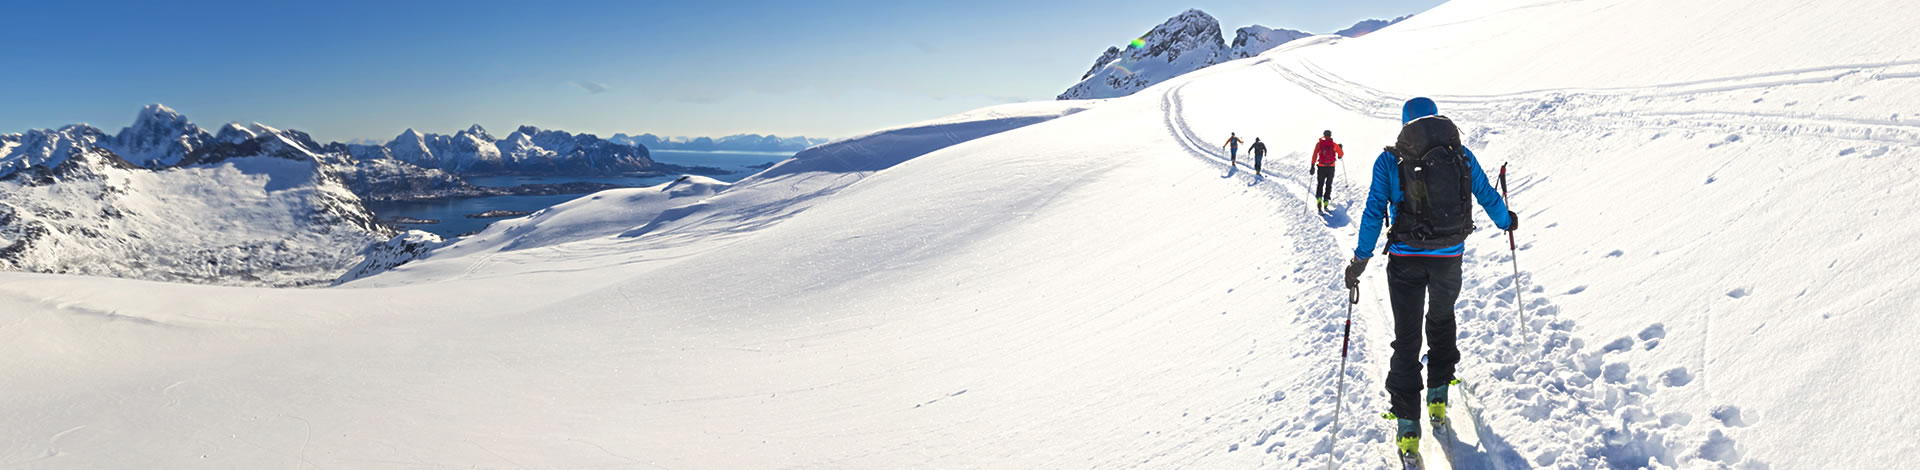 Alternativen zum Skifahren auf der Piste